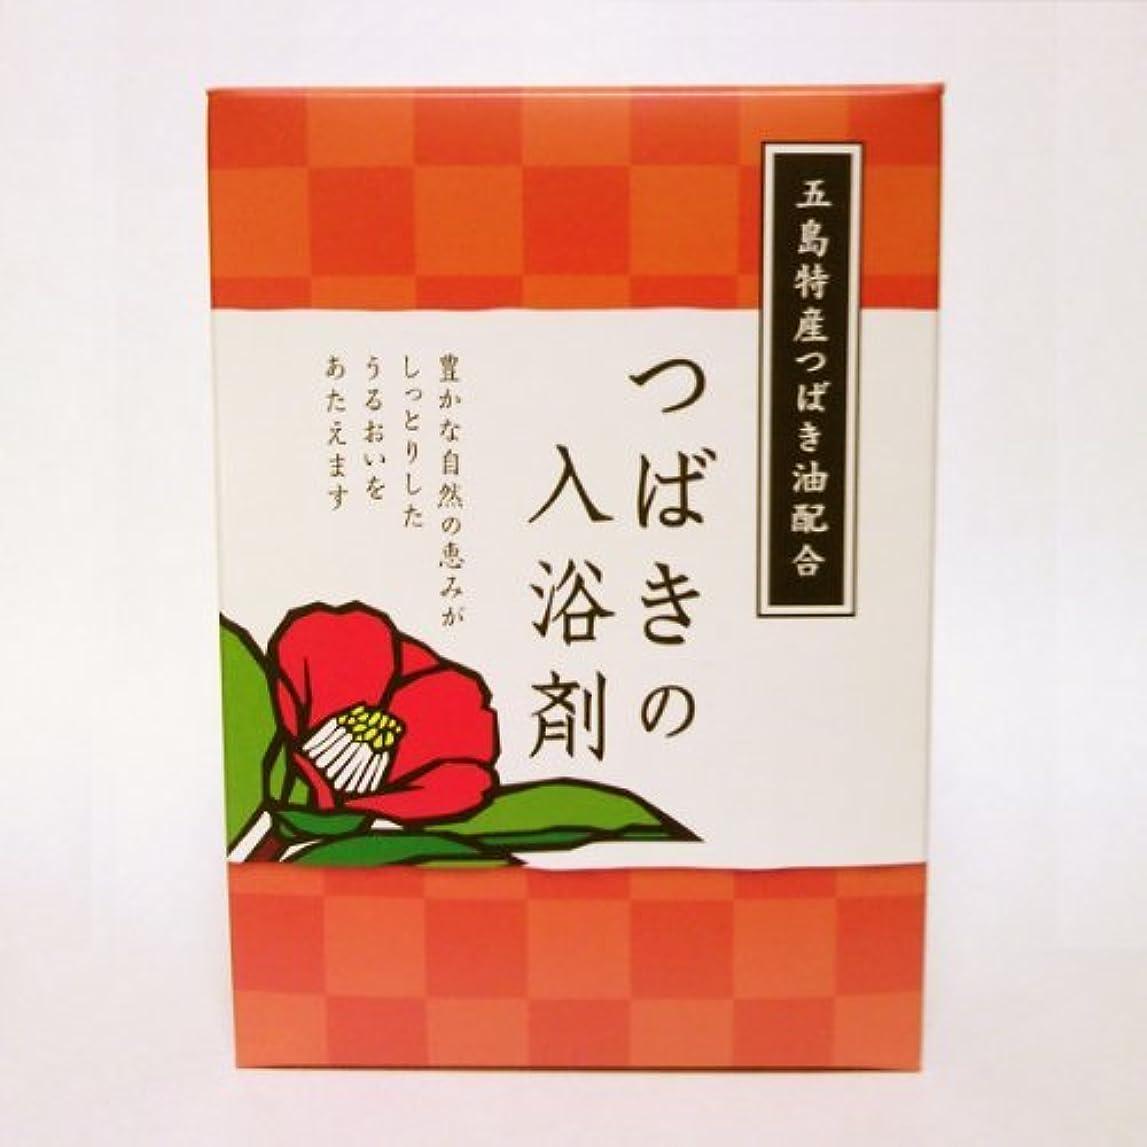 強風幸運織る五島特産純粋 つばきの入浴剤 新上五島町振興公社